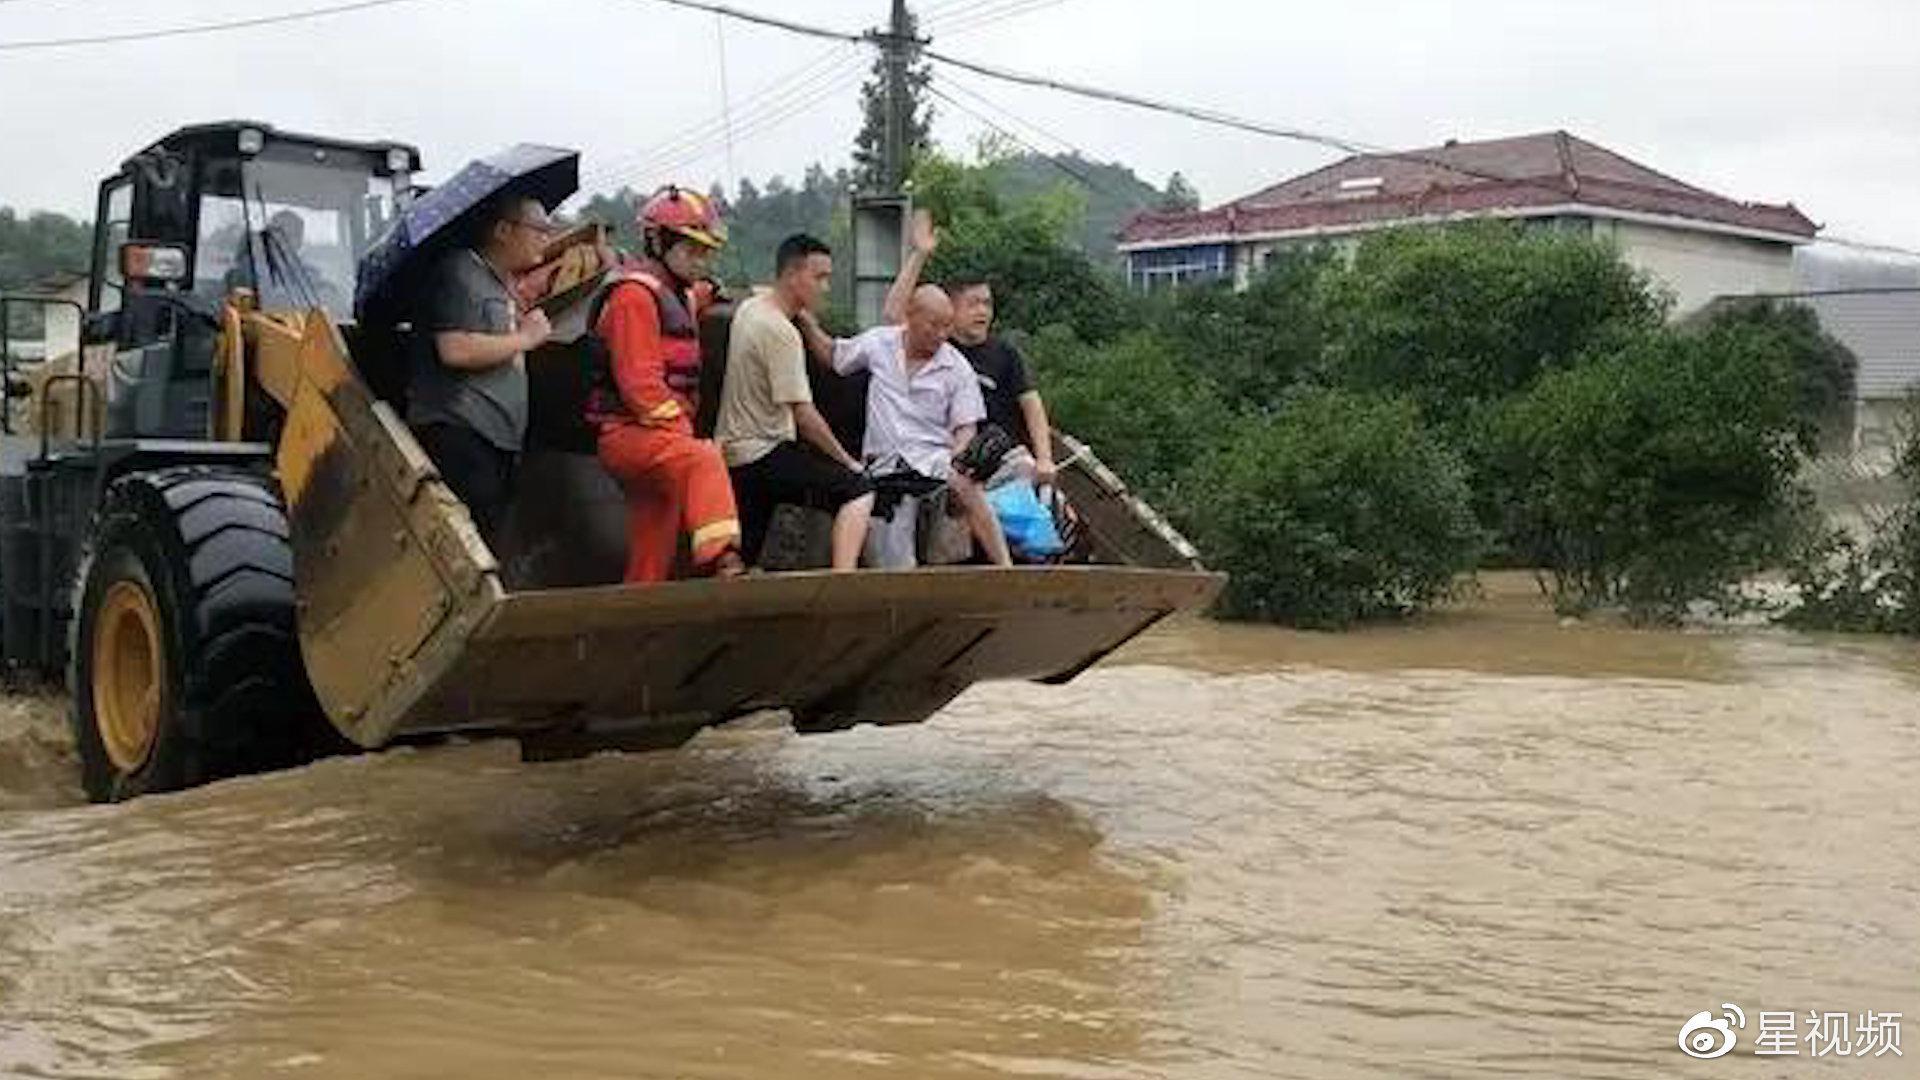 挖斗变身渡船!暴雨水位暴涨14位村民被困,大型铲车涉水救人